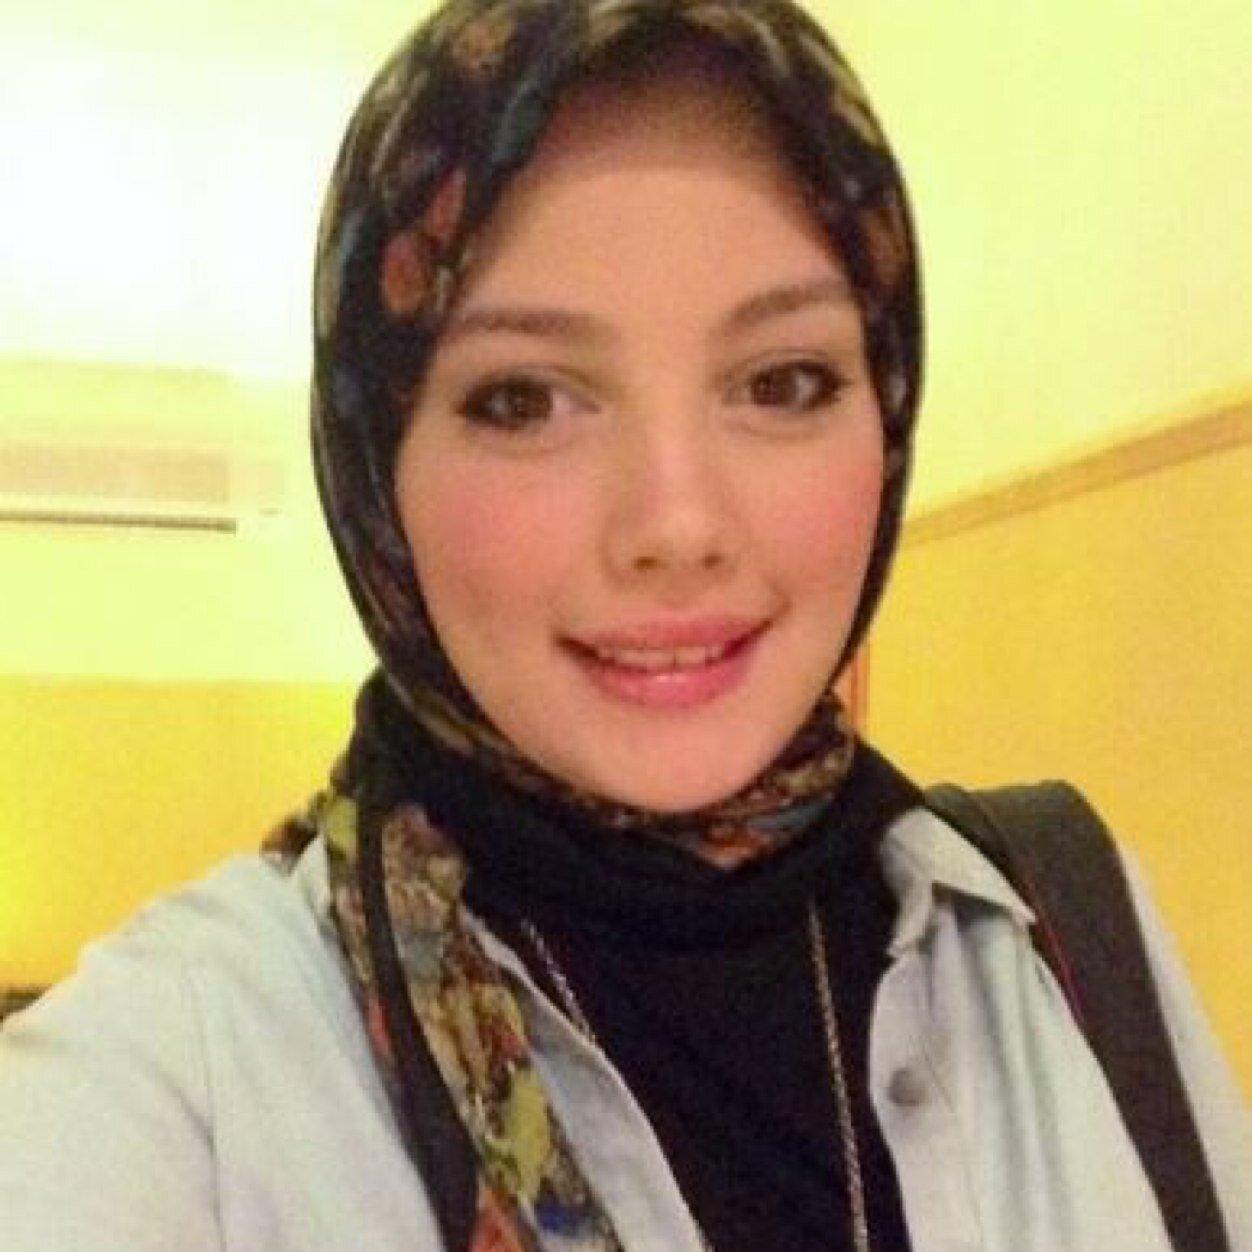 بالصور بنات ليبيا , شوفوا هالجمال ملامح النساء فى ليبيا تاخد العقل